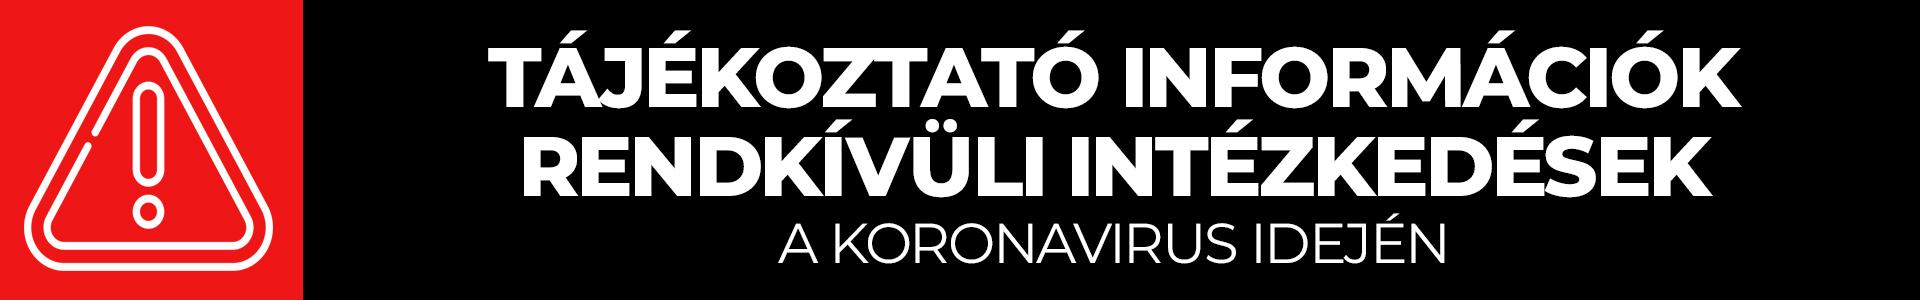 Sport8 korona info